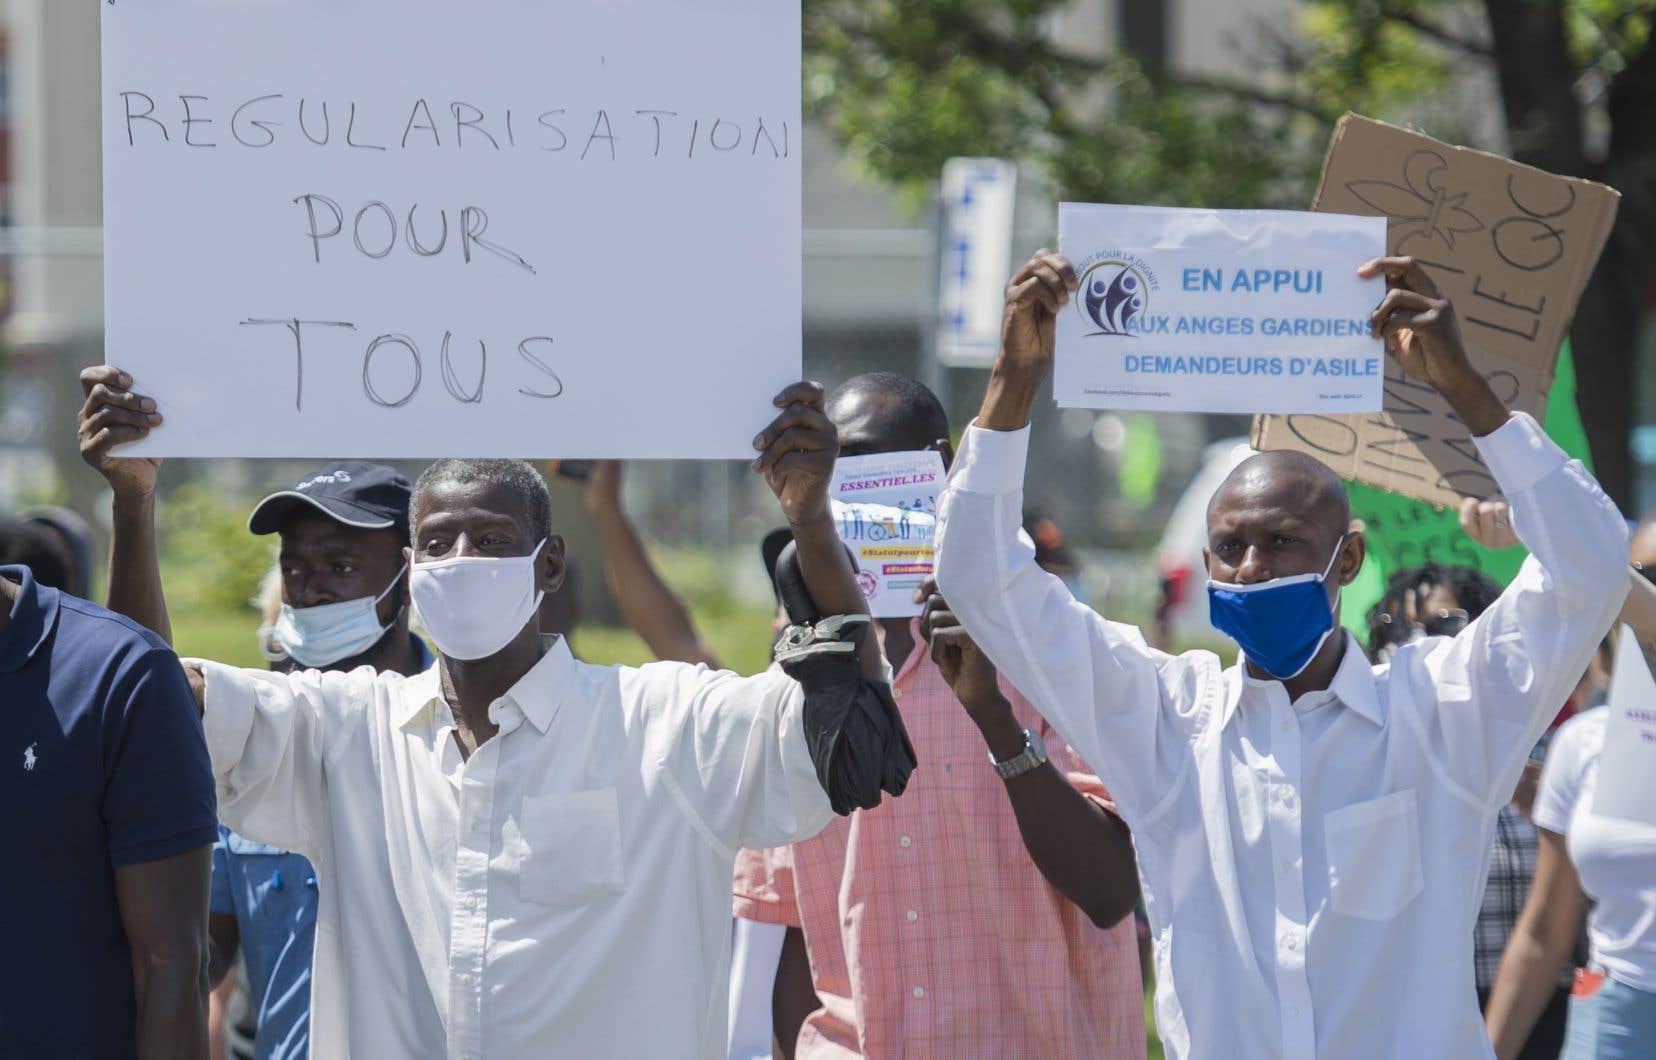 <p>Des demandeurs d'asile travaillant dans les centres de soinsont manifesté samedi devant le bureau de circonscription de Justin Trudeau à Montréal.</p>